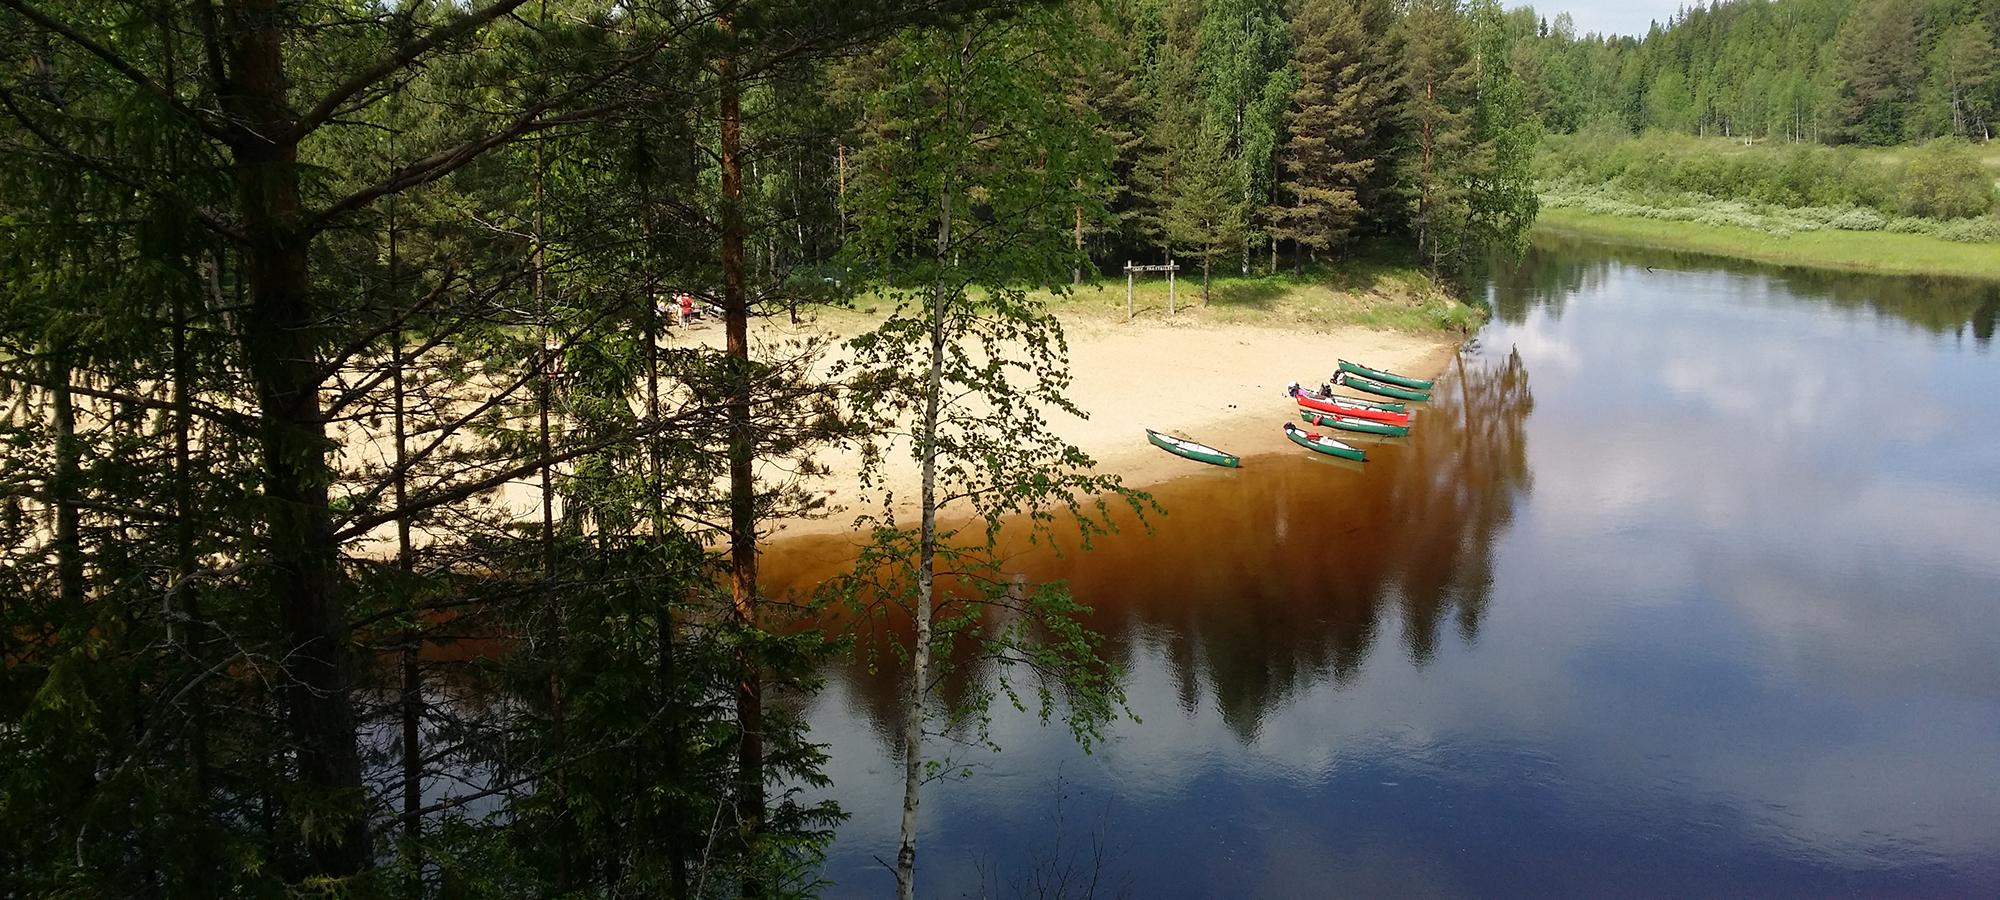 voxnan_kanot_camping